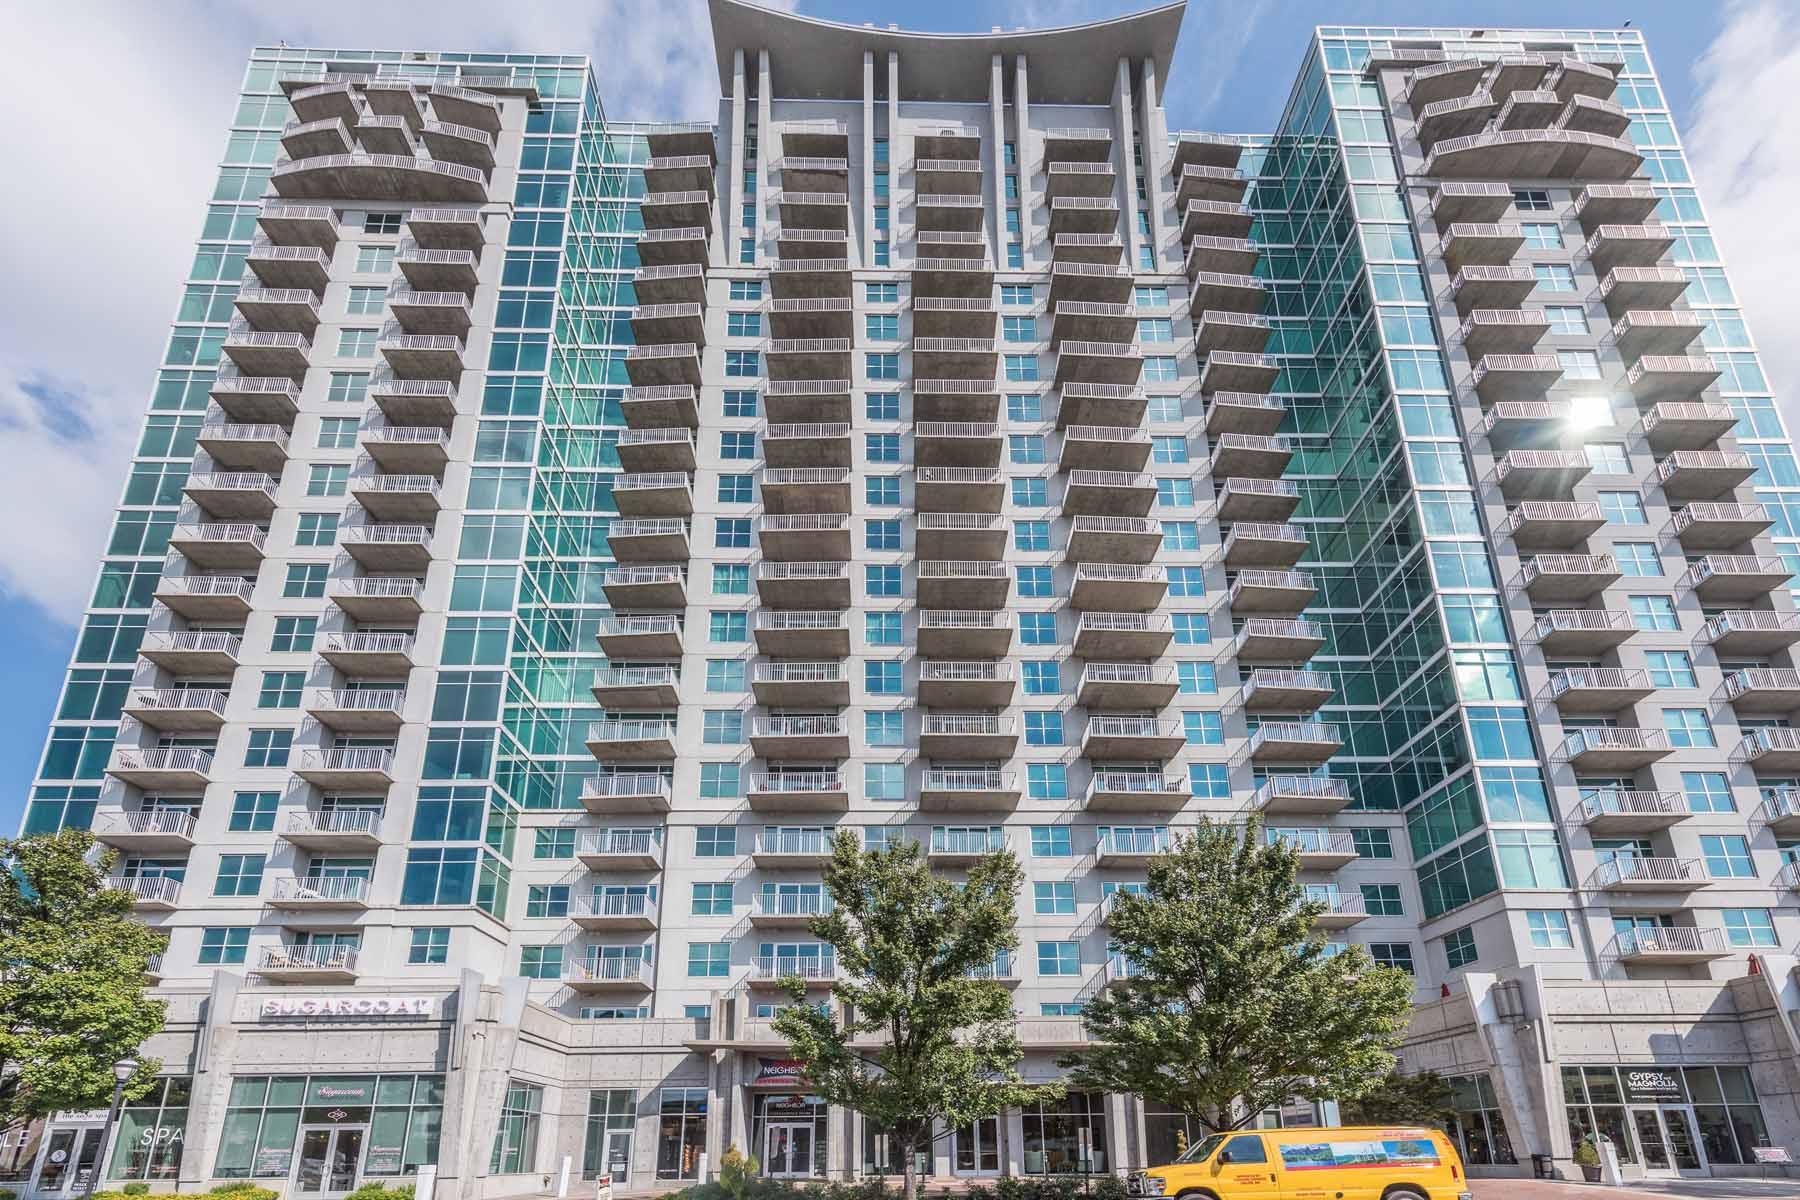 Eigentumswohnung für Verkauf beim High-Rise Living at its Finest 250 Pharr Road No. 1317 Atlanta, Georgia, 30305 Vereinigte Staaten